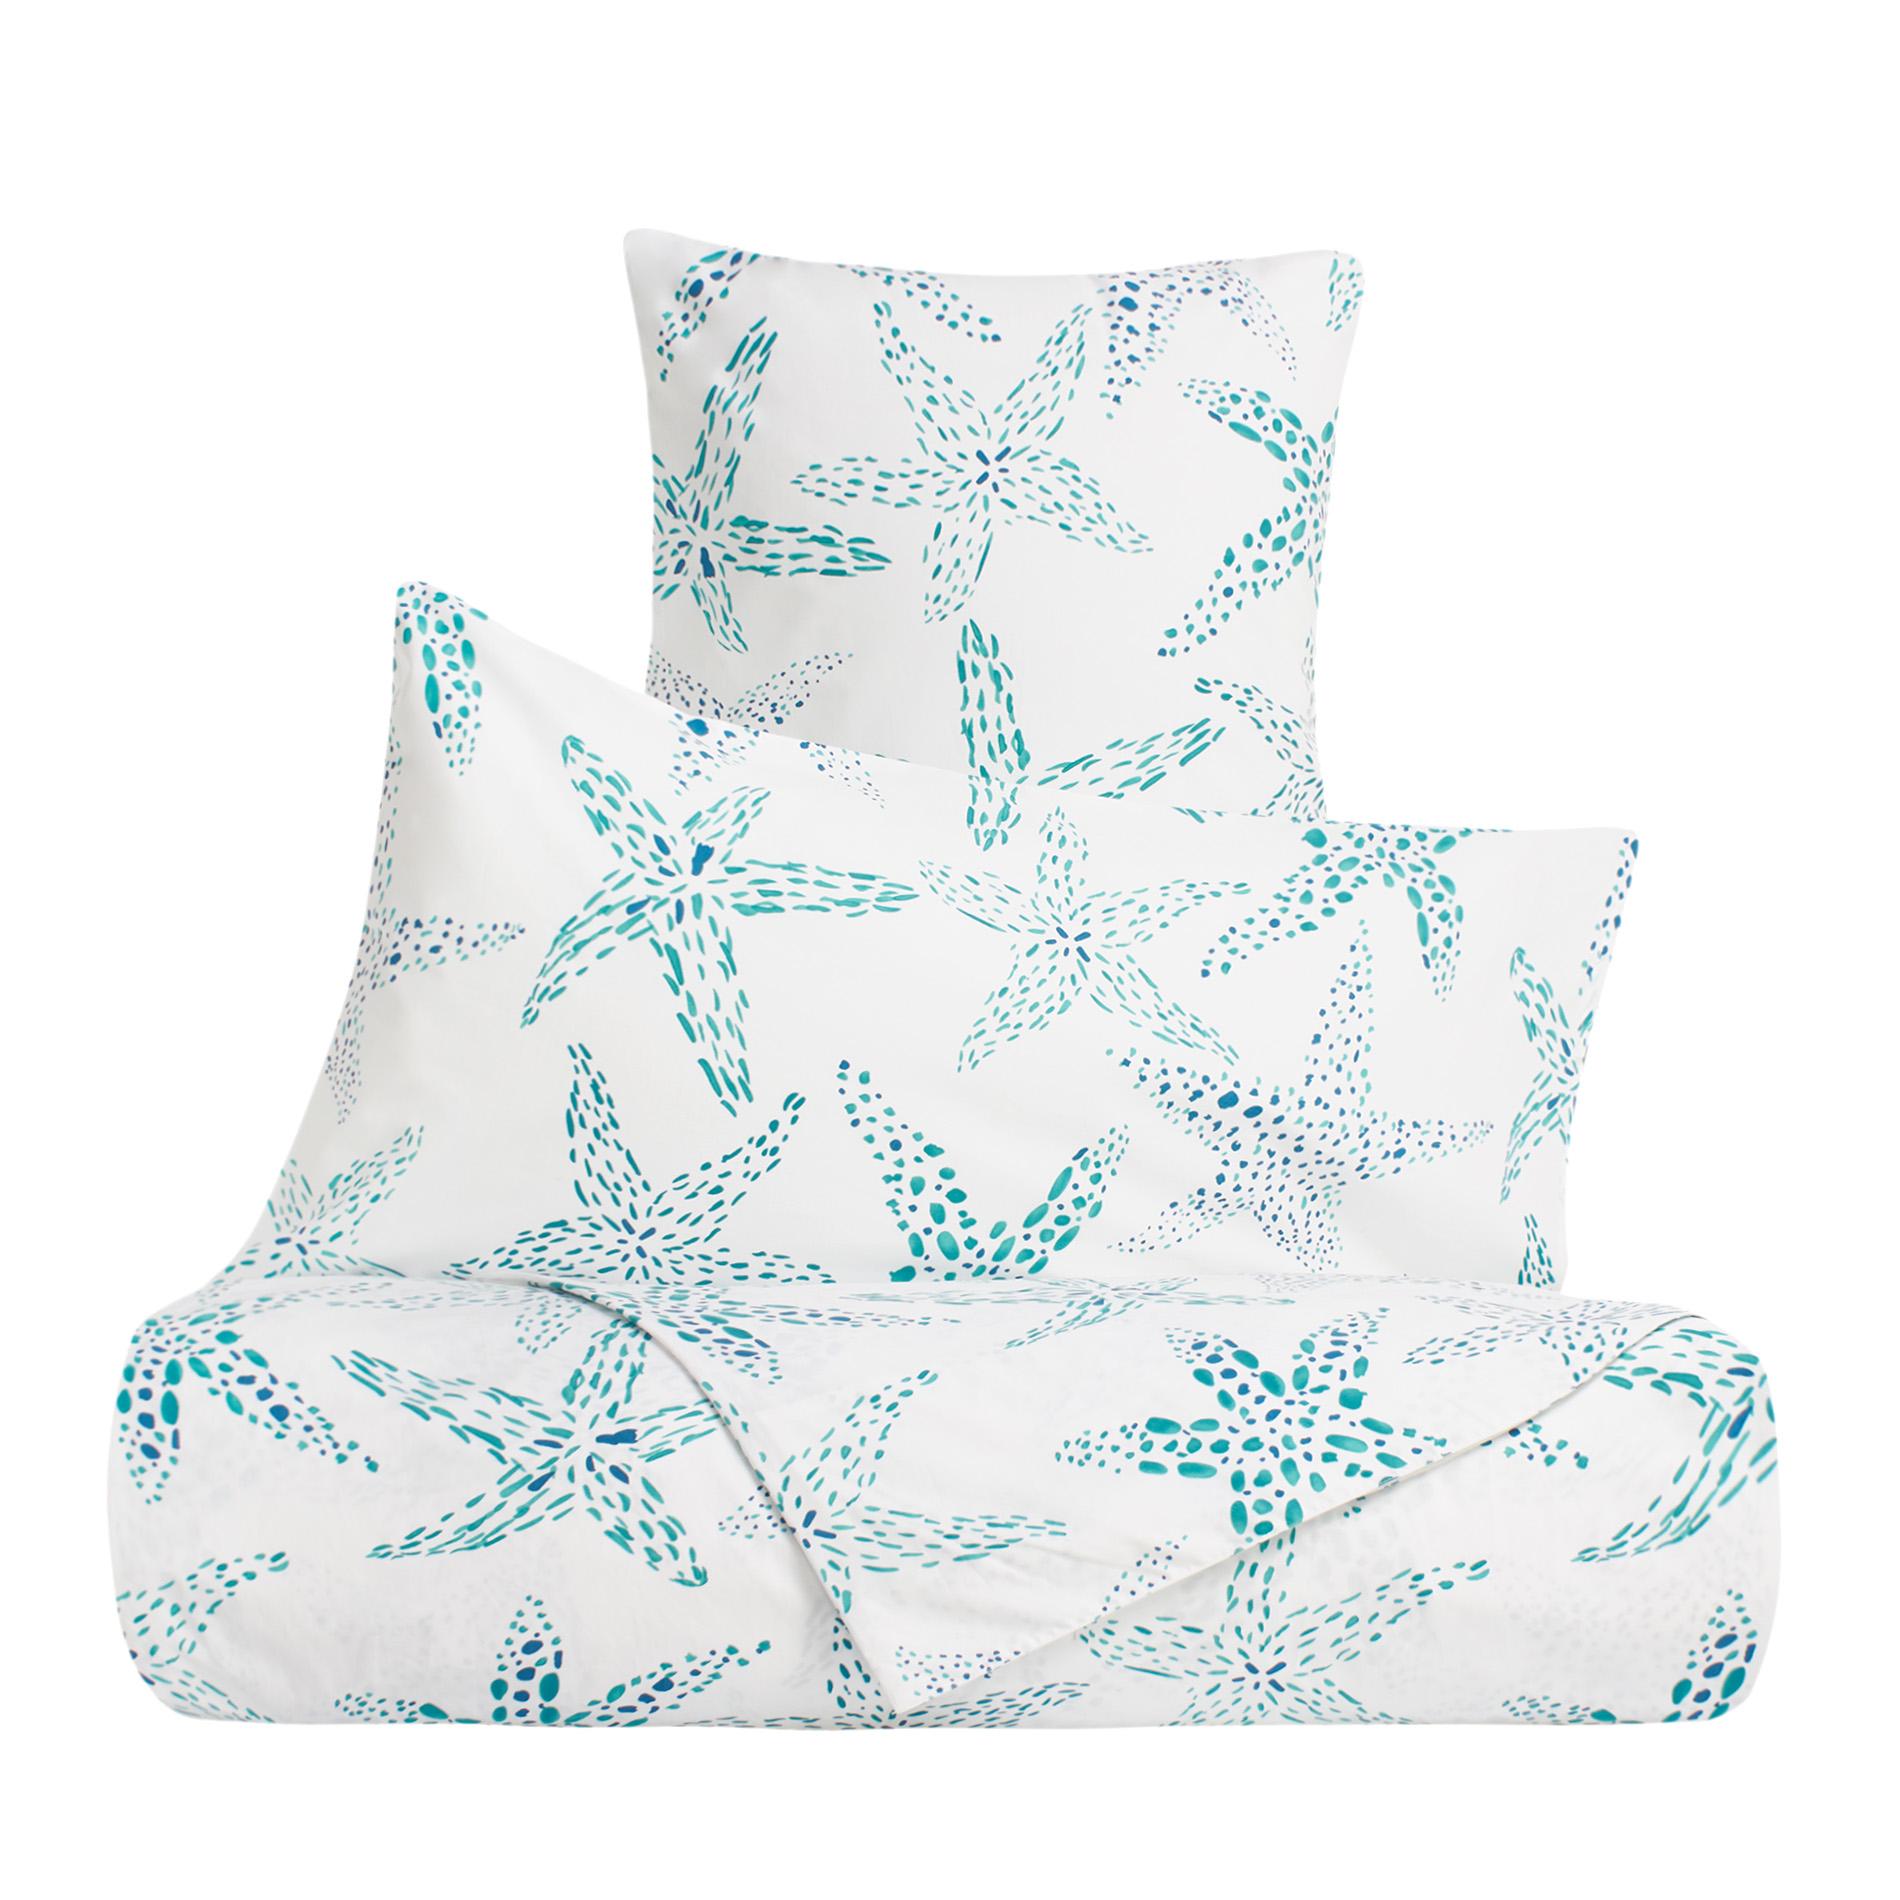 Linea letto in cotone percalle stelle marine coincasa - Tende coin casa ...